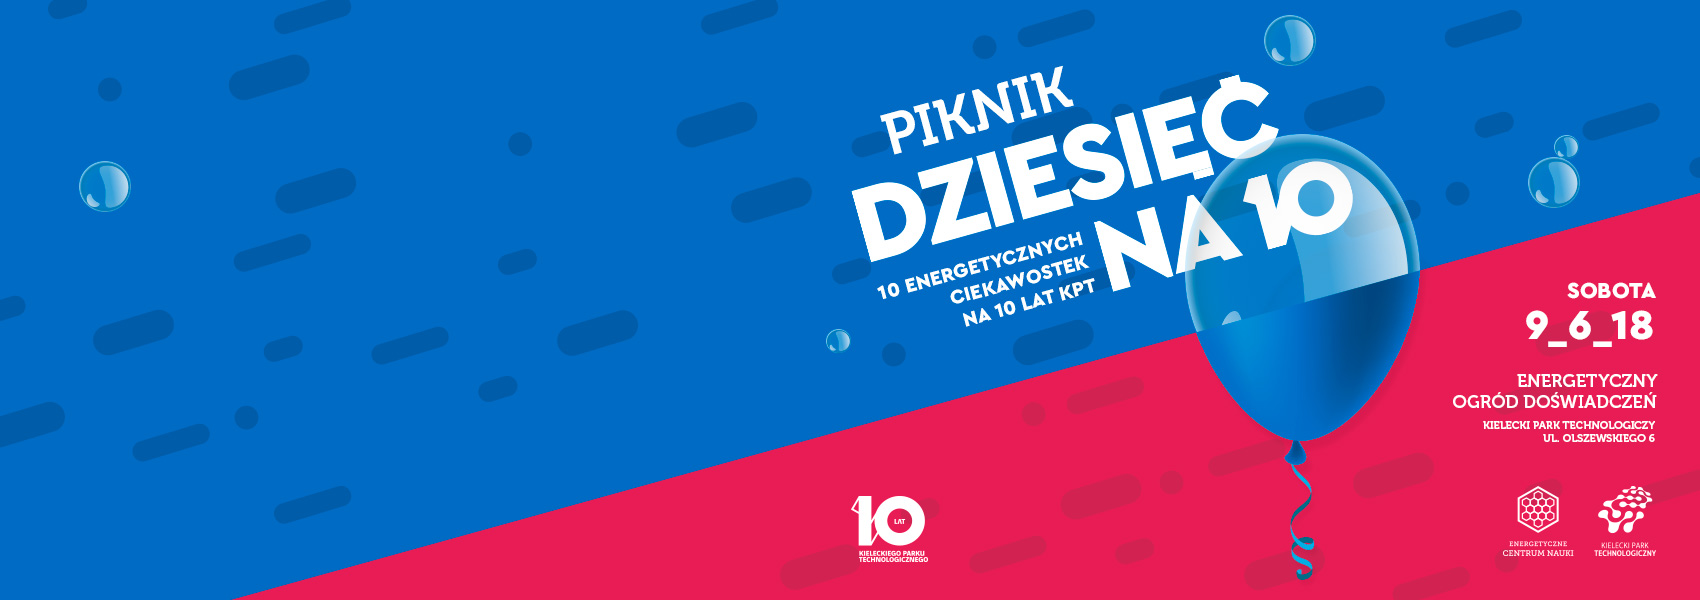 piknik_10_1700x600